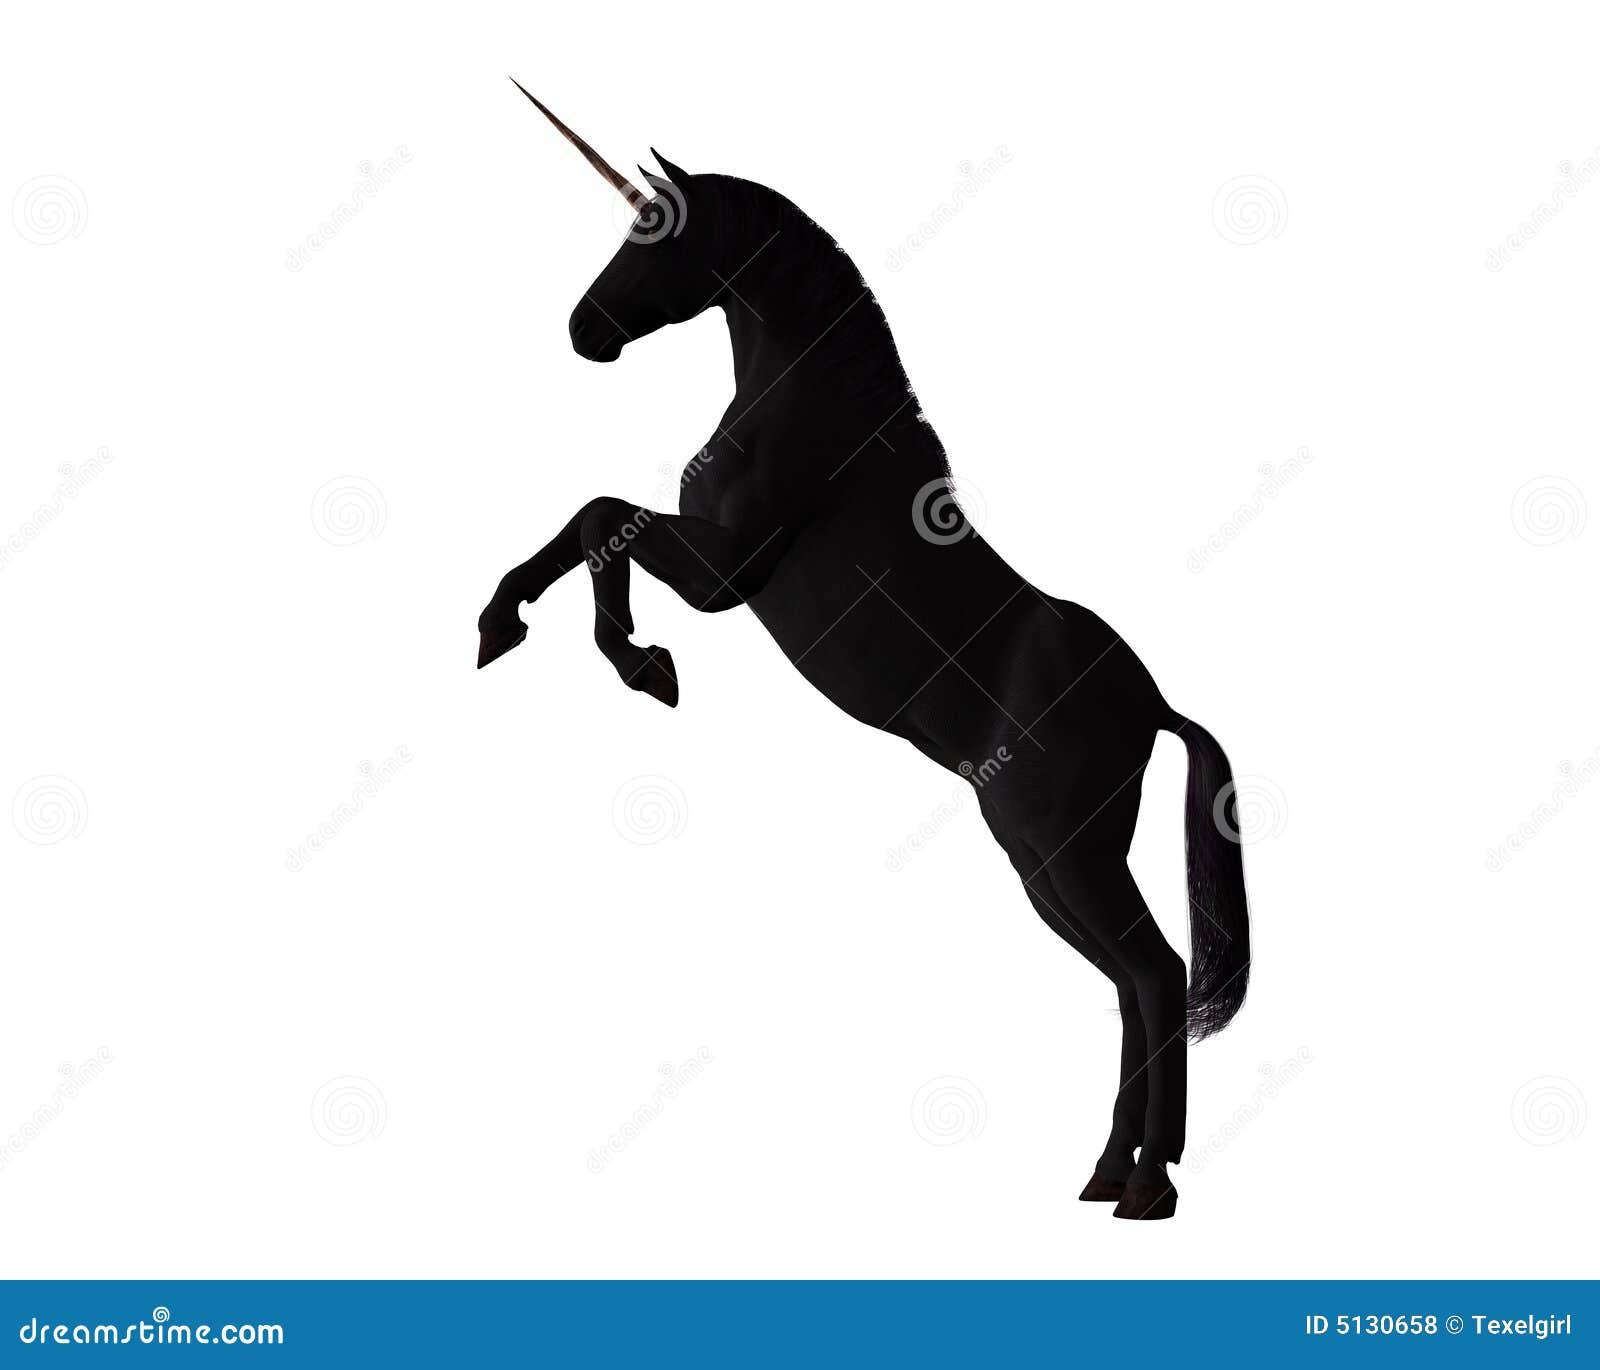 black unicorn royalty free stock photos image 5130658